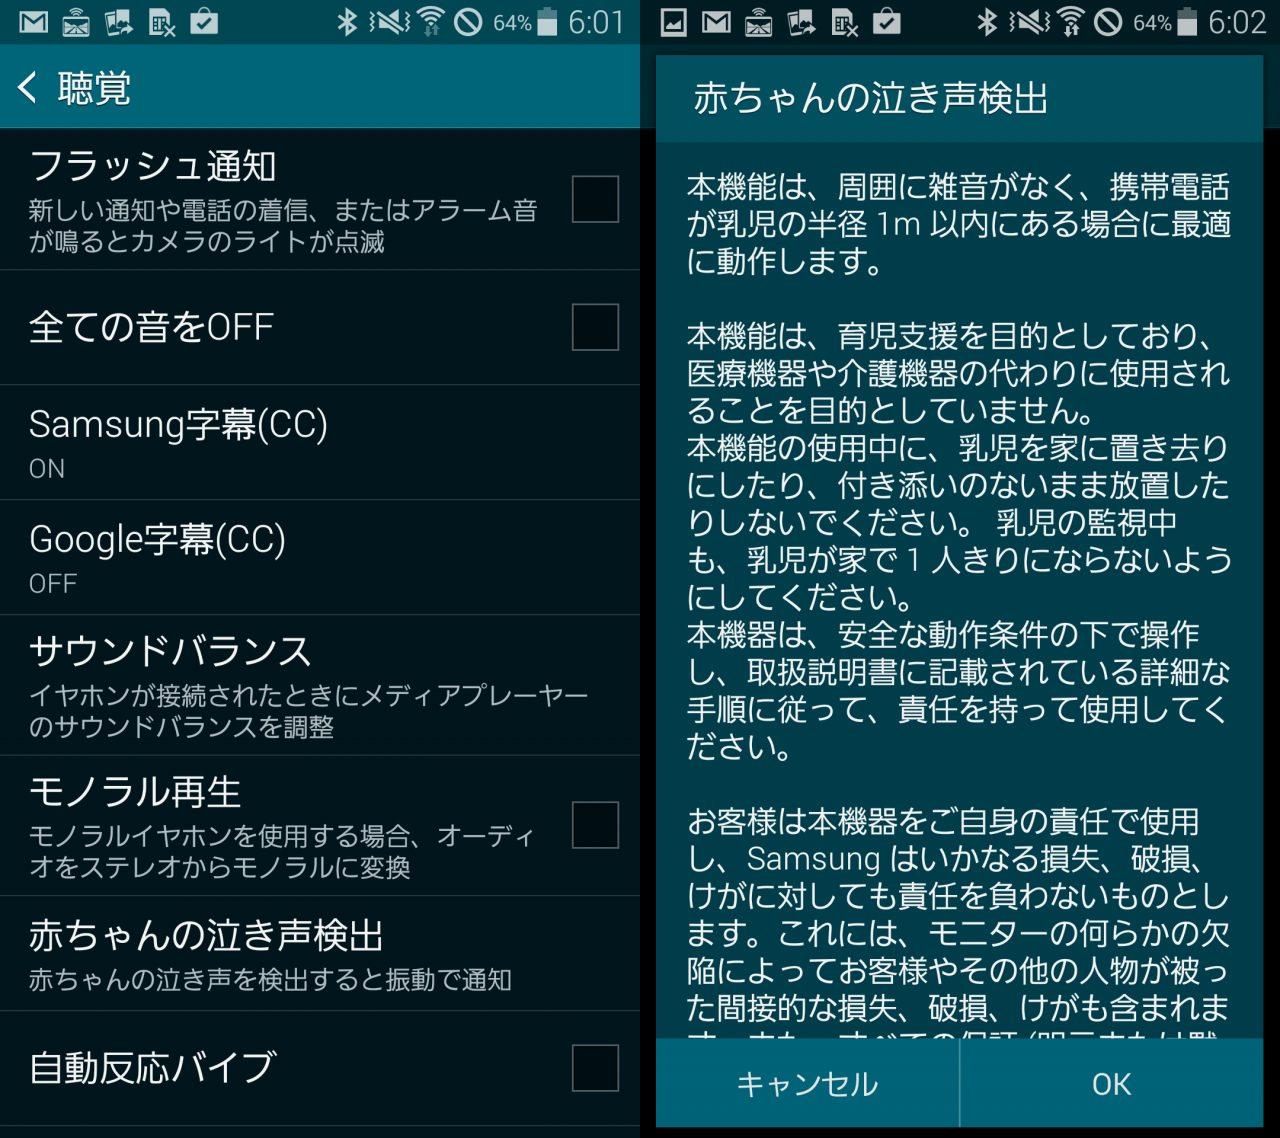 2014-05-27 21.06.41のコピー